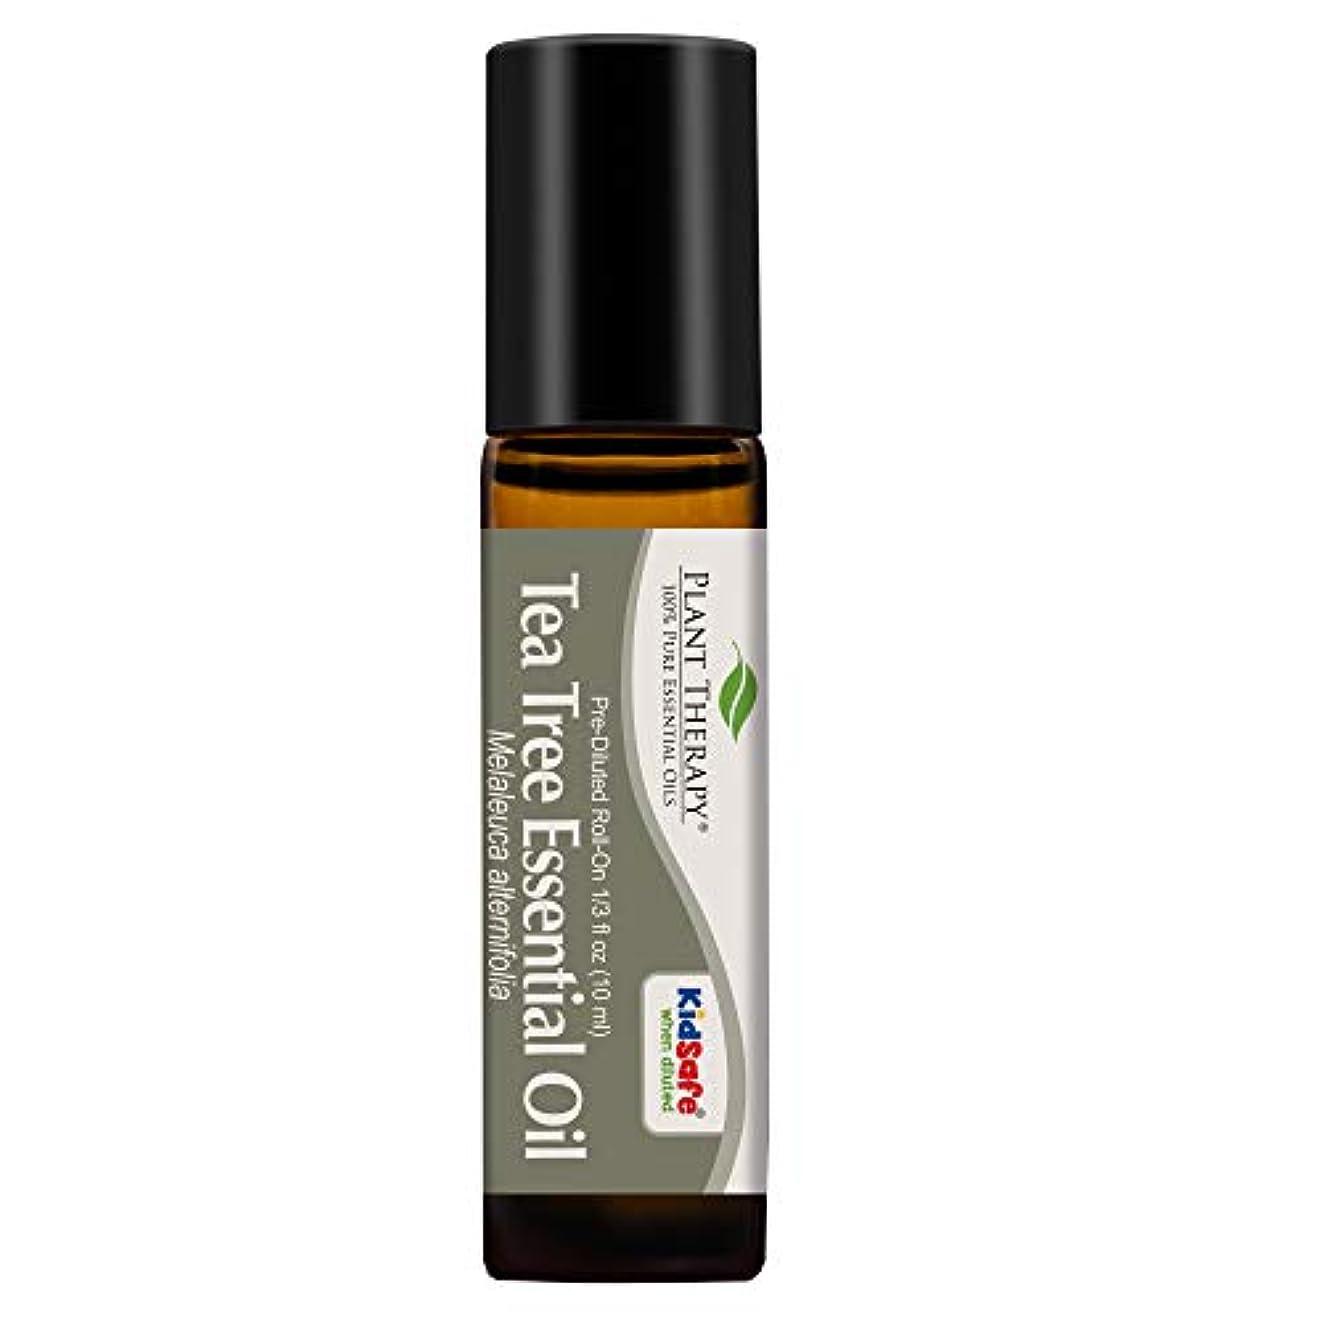 床何もない飛行機Plant Therapy Tea Tree Pre-Diluted Roll-On 10 ml (1/3 fl oz) 100% Pure, Therapeutic Grade